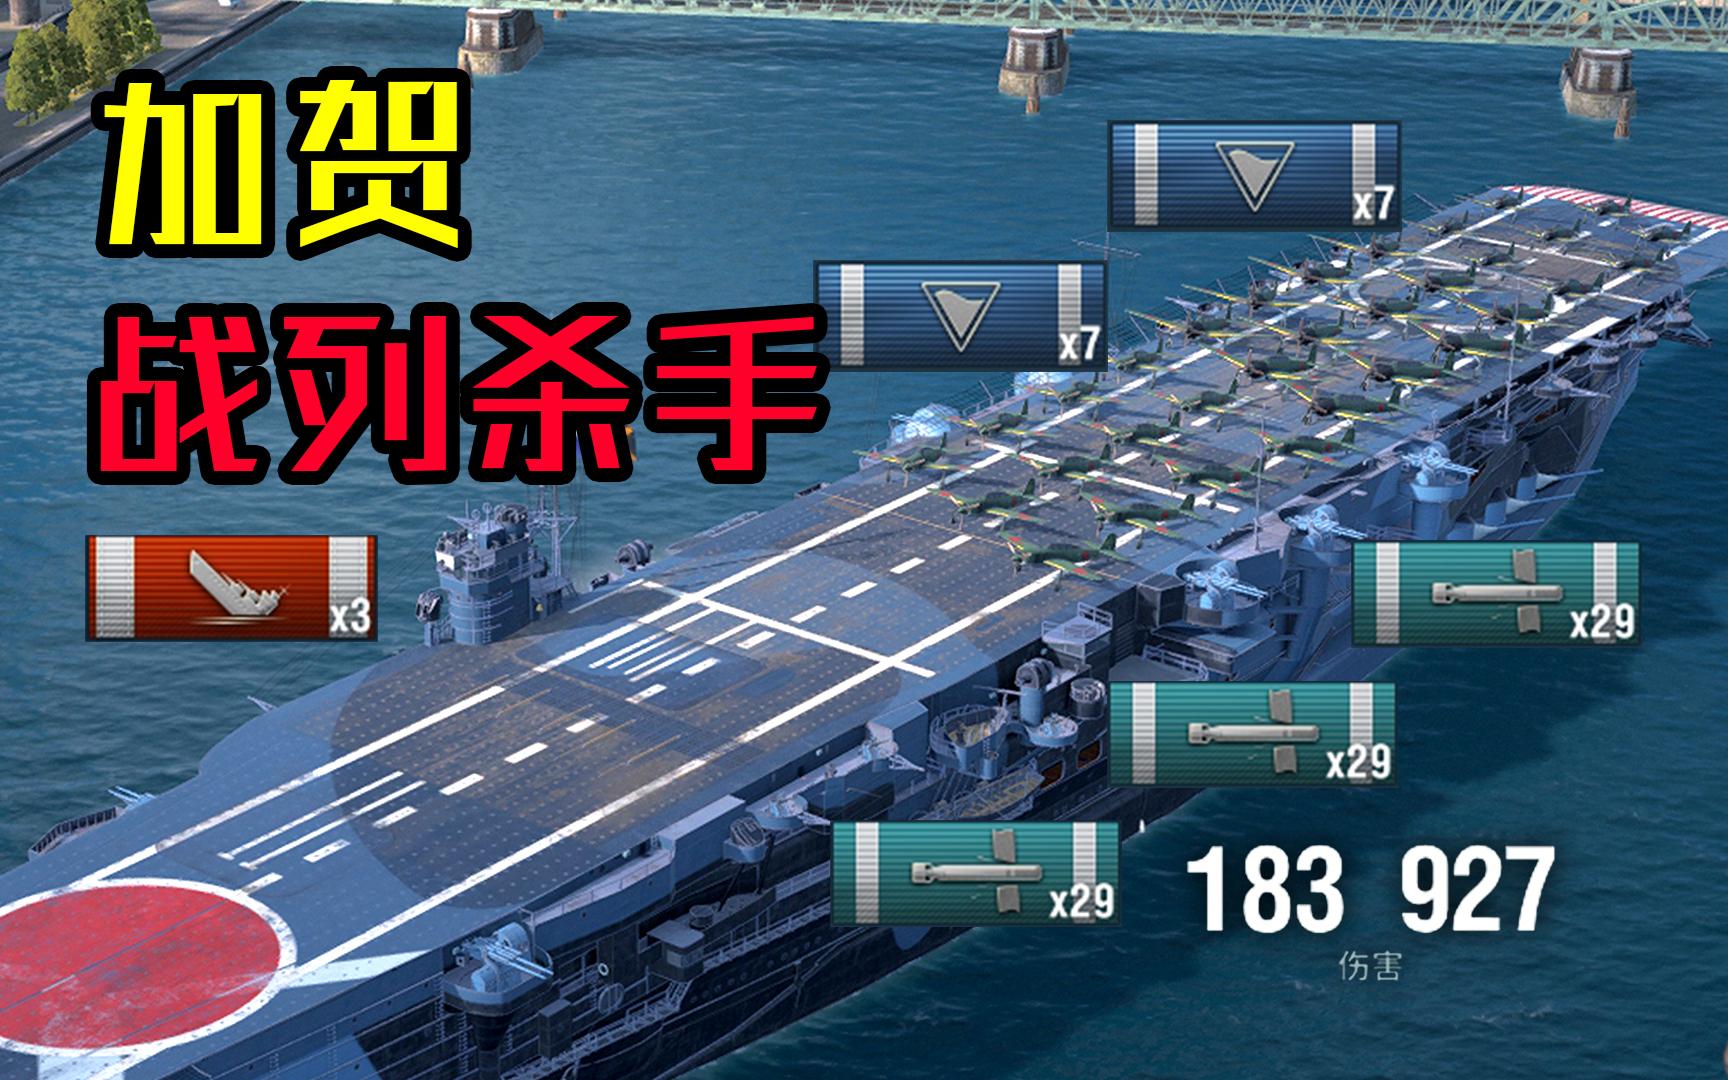 【独家/战舰世界】胡德殉爆?最强航空鱼雷!VIII级日航加贺18.3w输出战术解说【QPC】